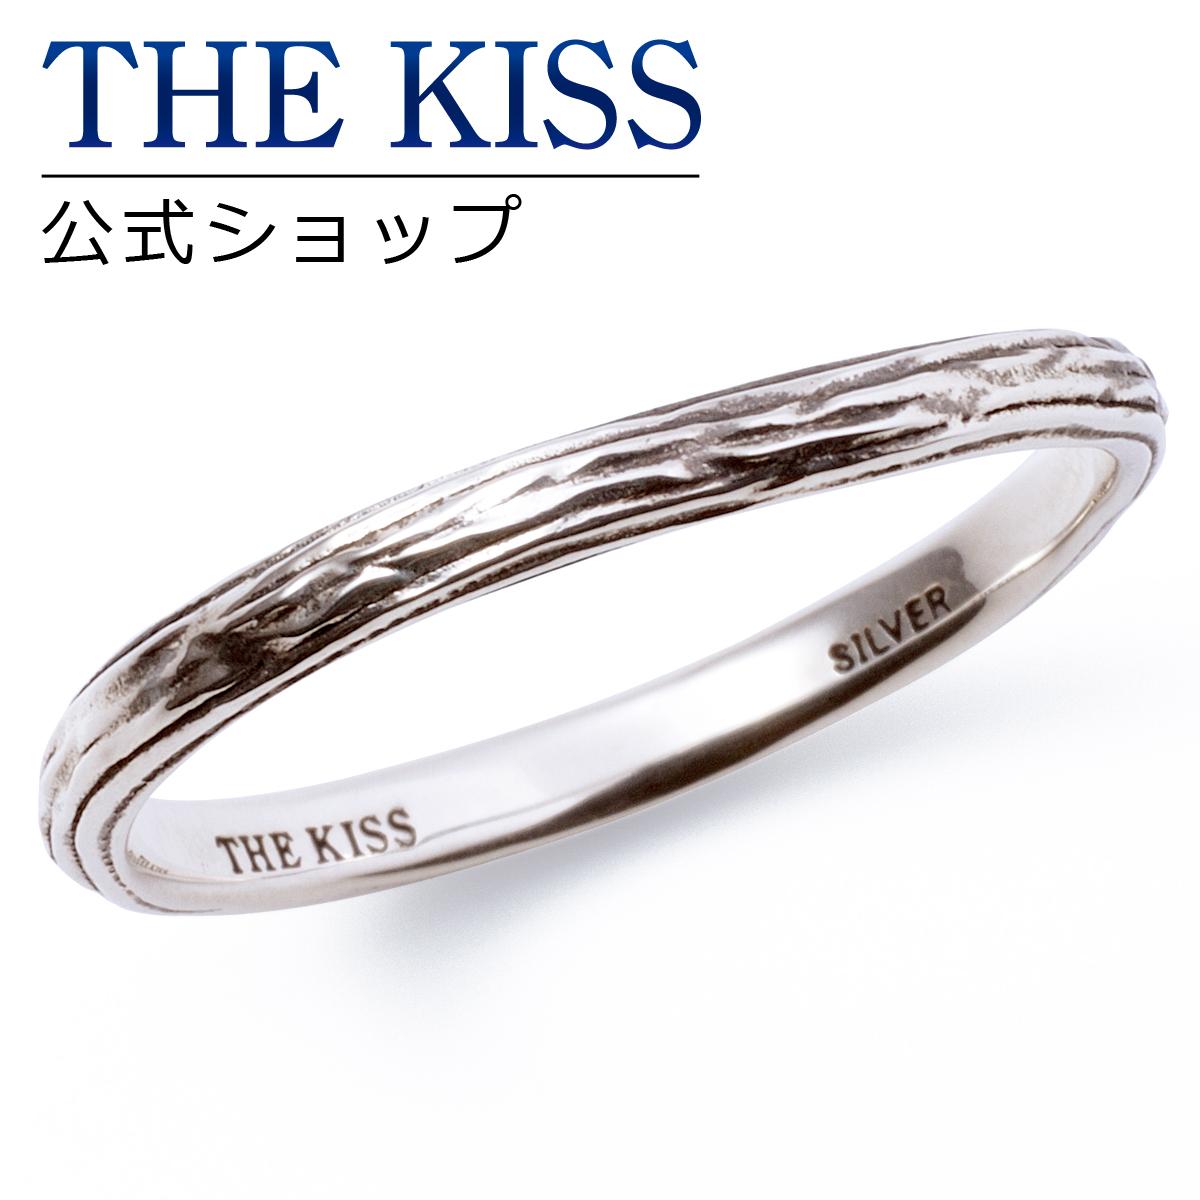 【あす楽対応】THE KISS 公式サイト シルバー ペアリング ( メンズ 単品 ) ペアアクセサリー カップル に 人気 の ジュエリーブランド THEKISS ペア リング・指輪 記念日 プレゼント SR1701BK ザキス 【送料無料】